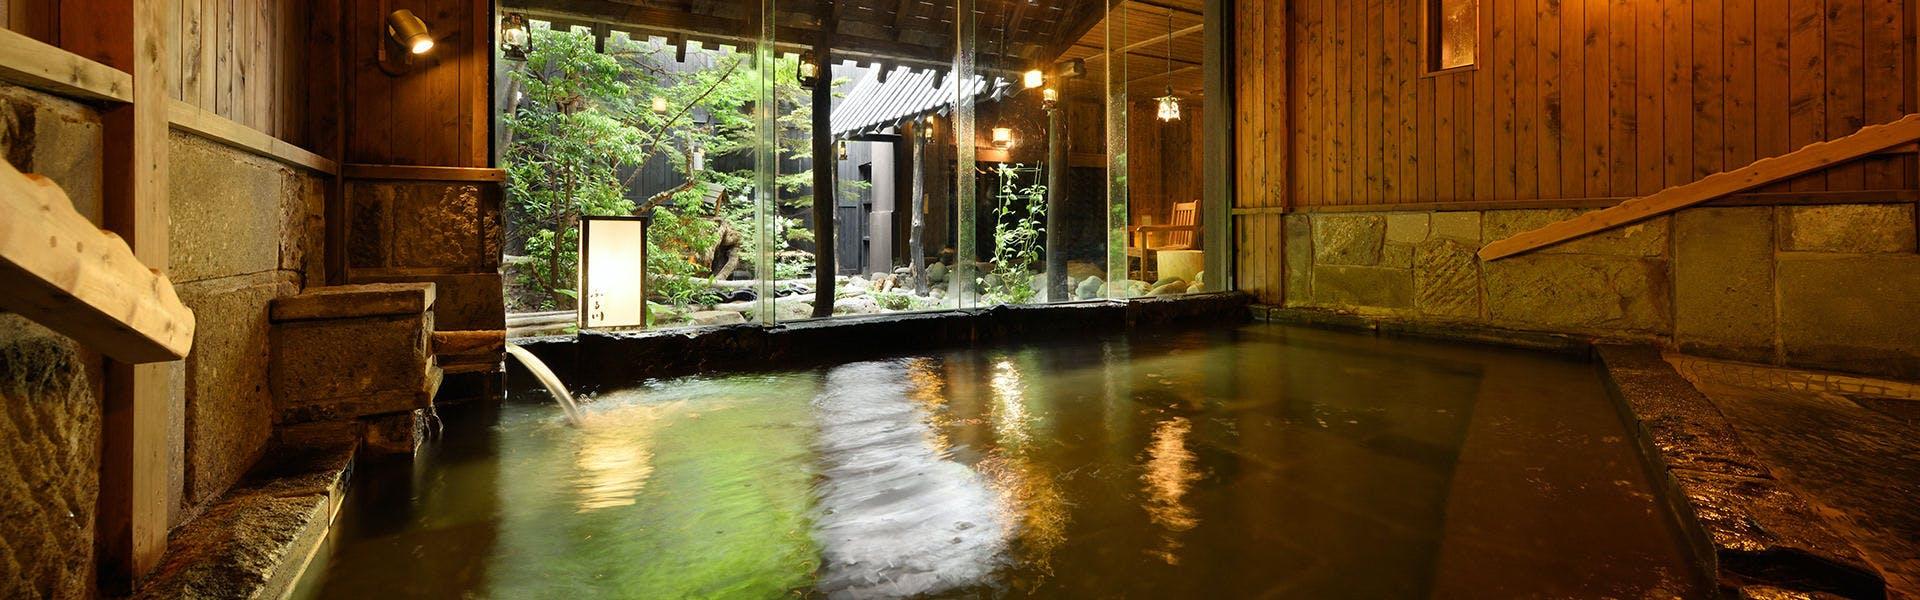 ぬくもりの宿 ふる川 | 北海道 | おでかけ情報 | …